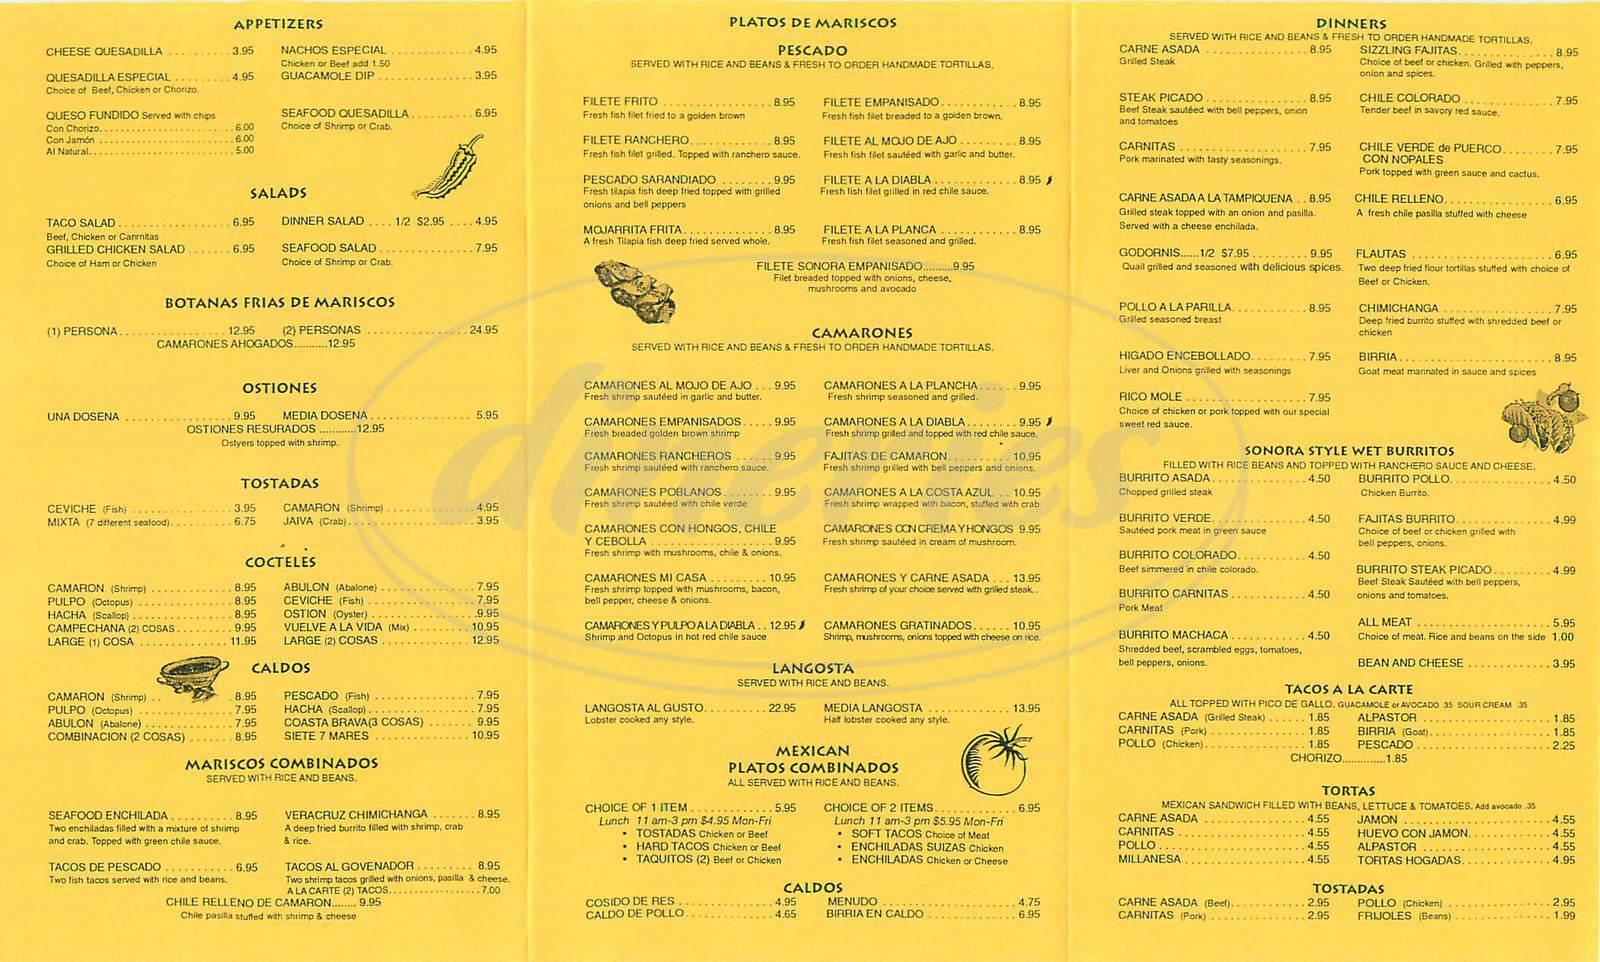 menu for Casa 7 Mares